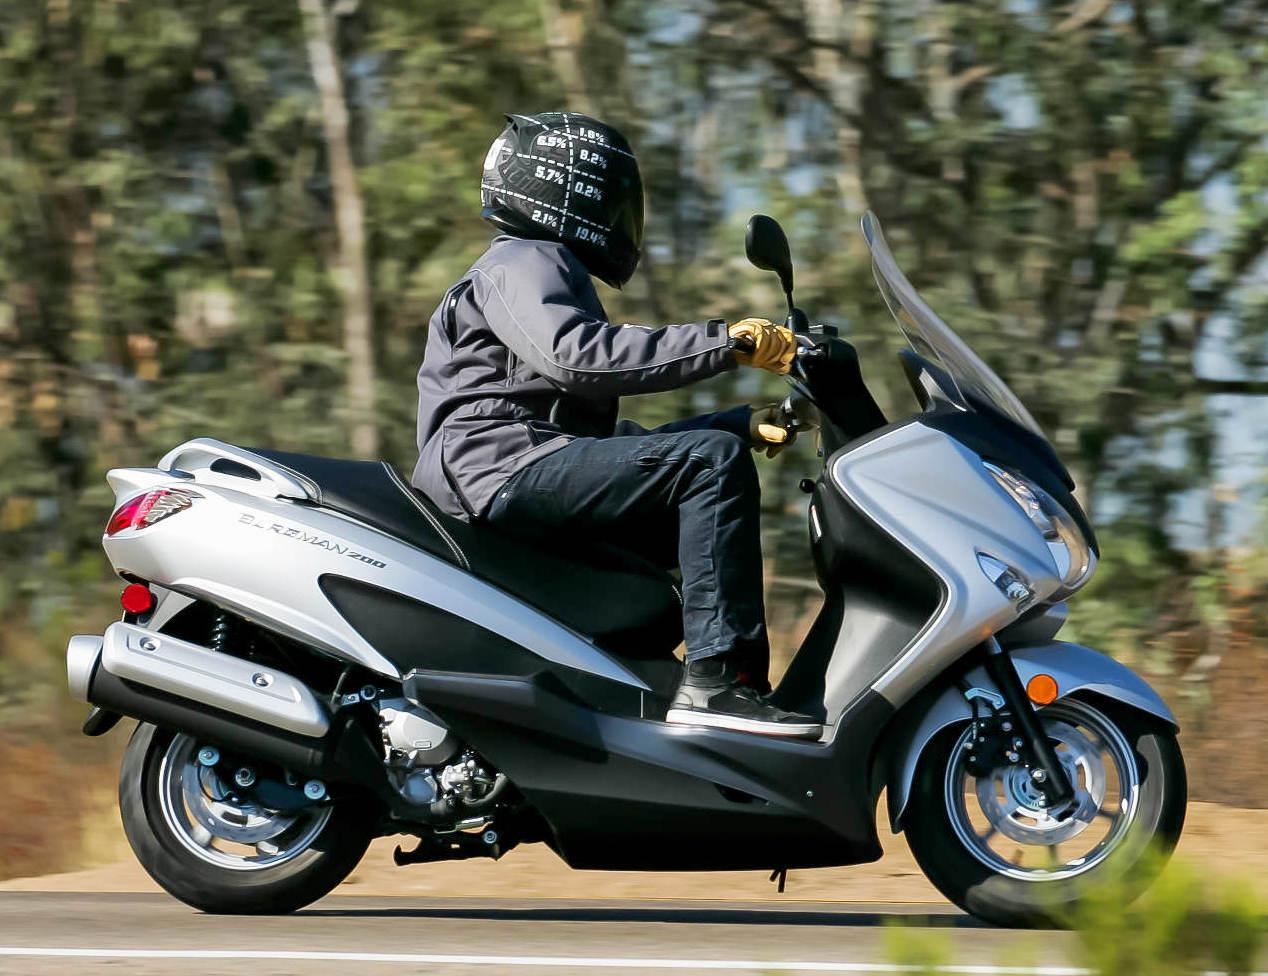 Big Skuter Matic Suzuki nantinya akan menggunakan mesin DOHC turunan GSX-R150 ?